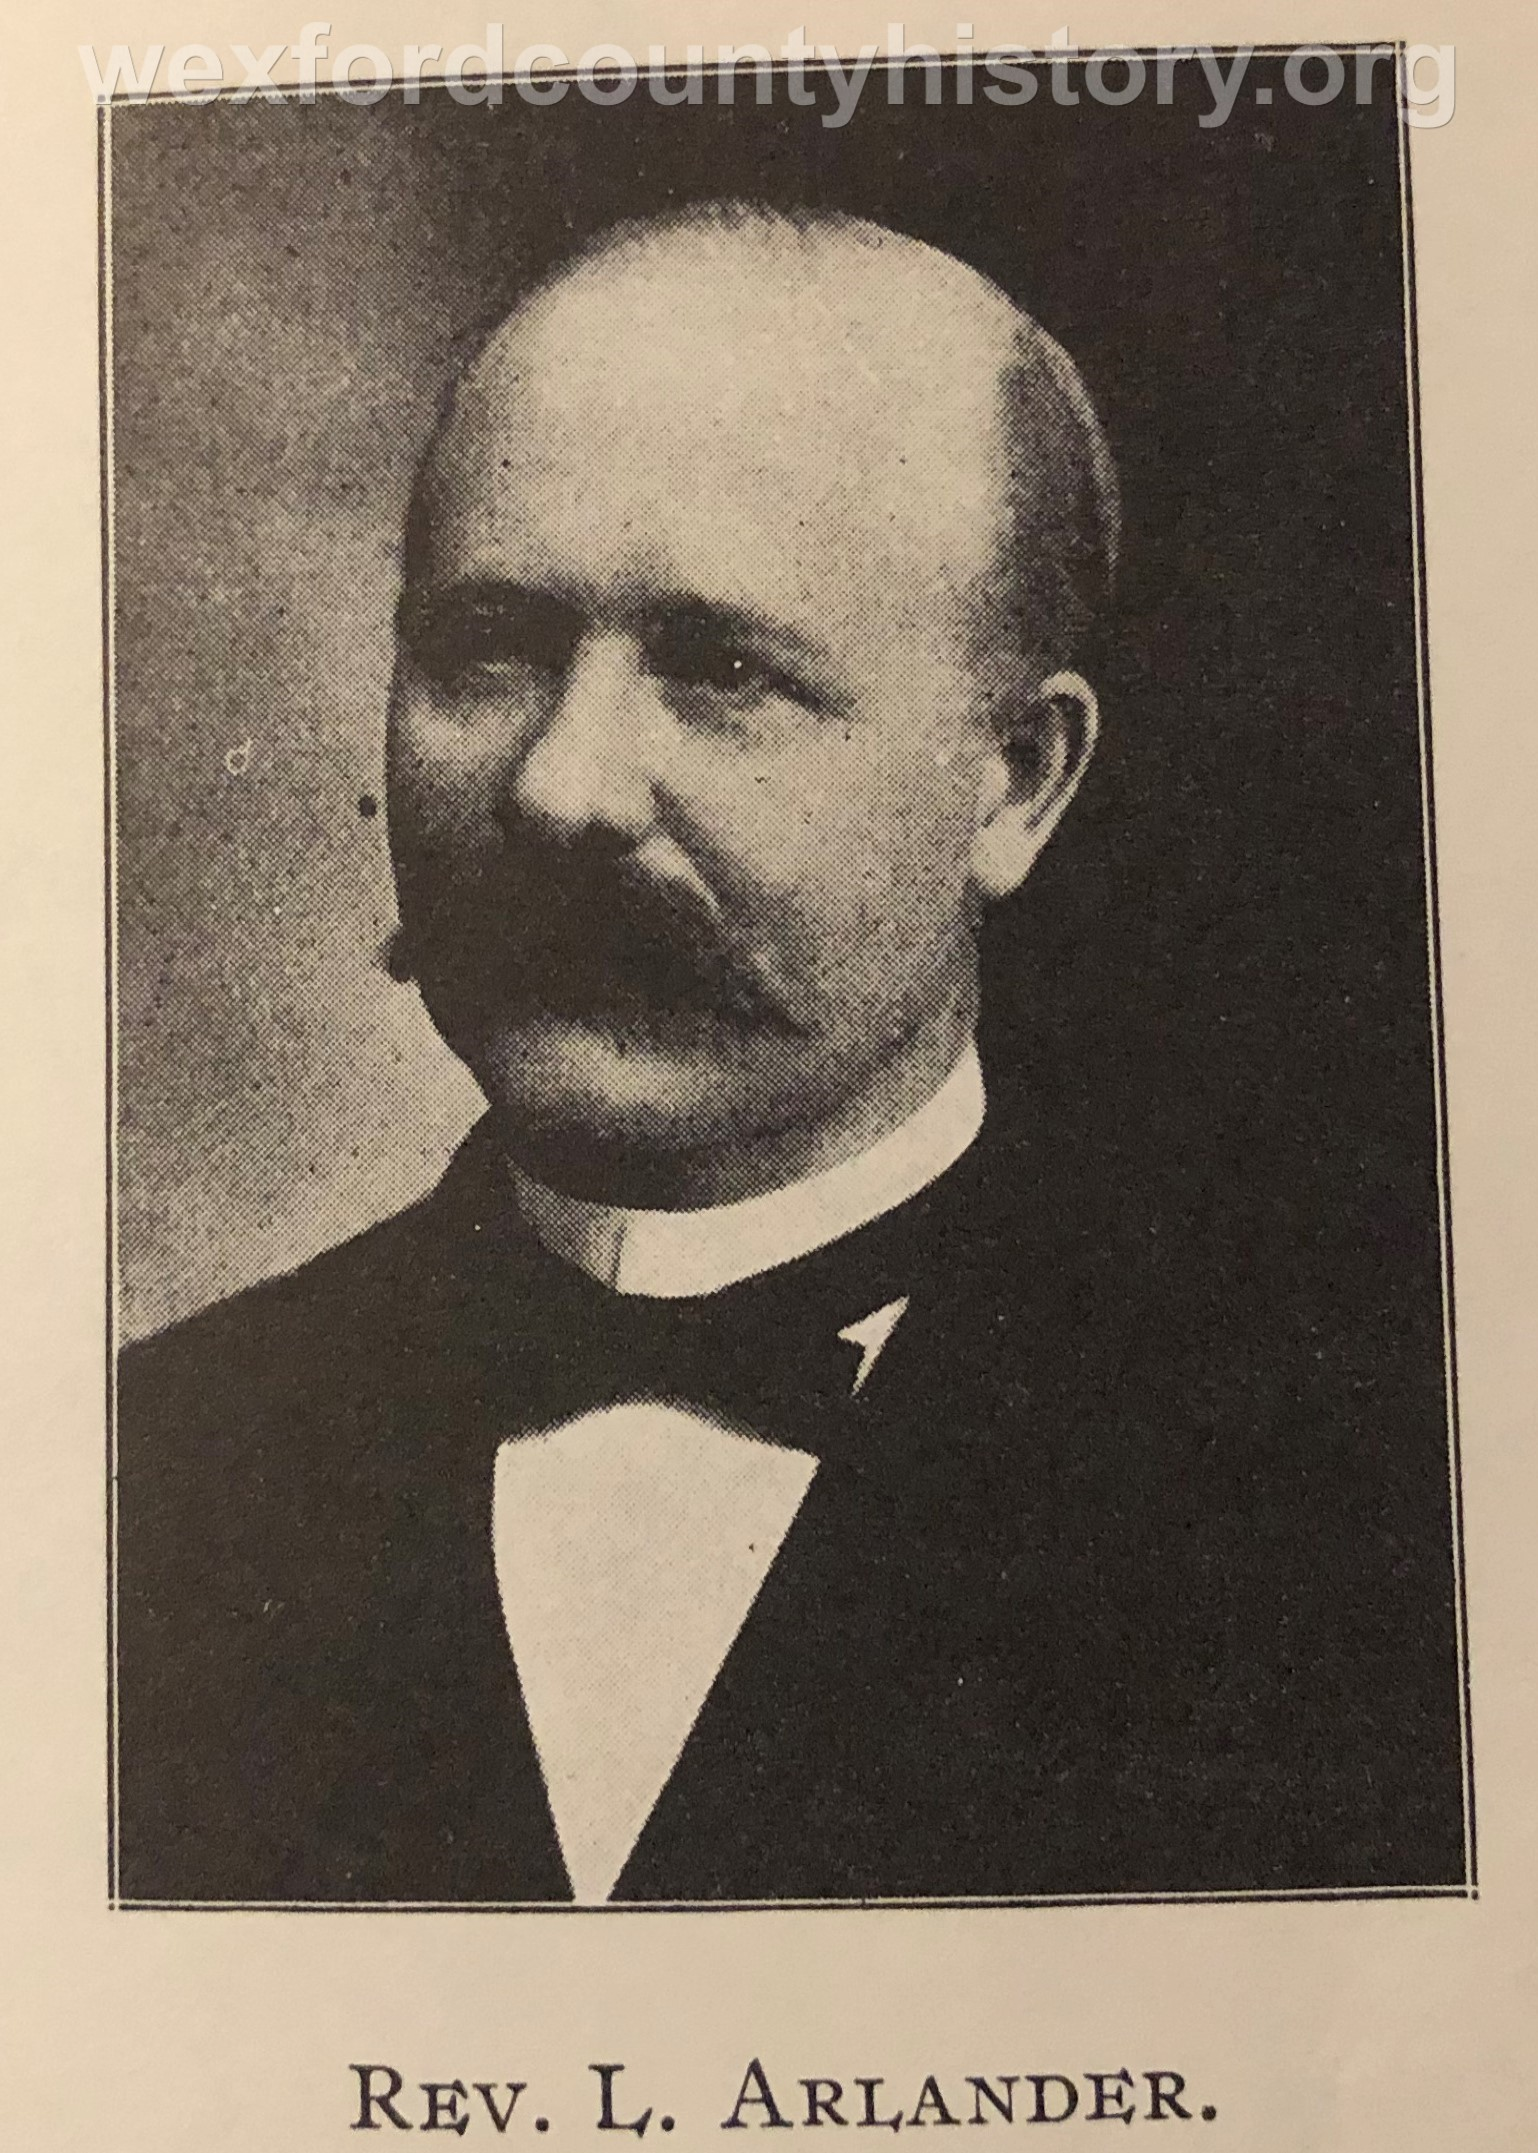 Rev. L. Arlander